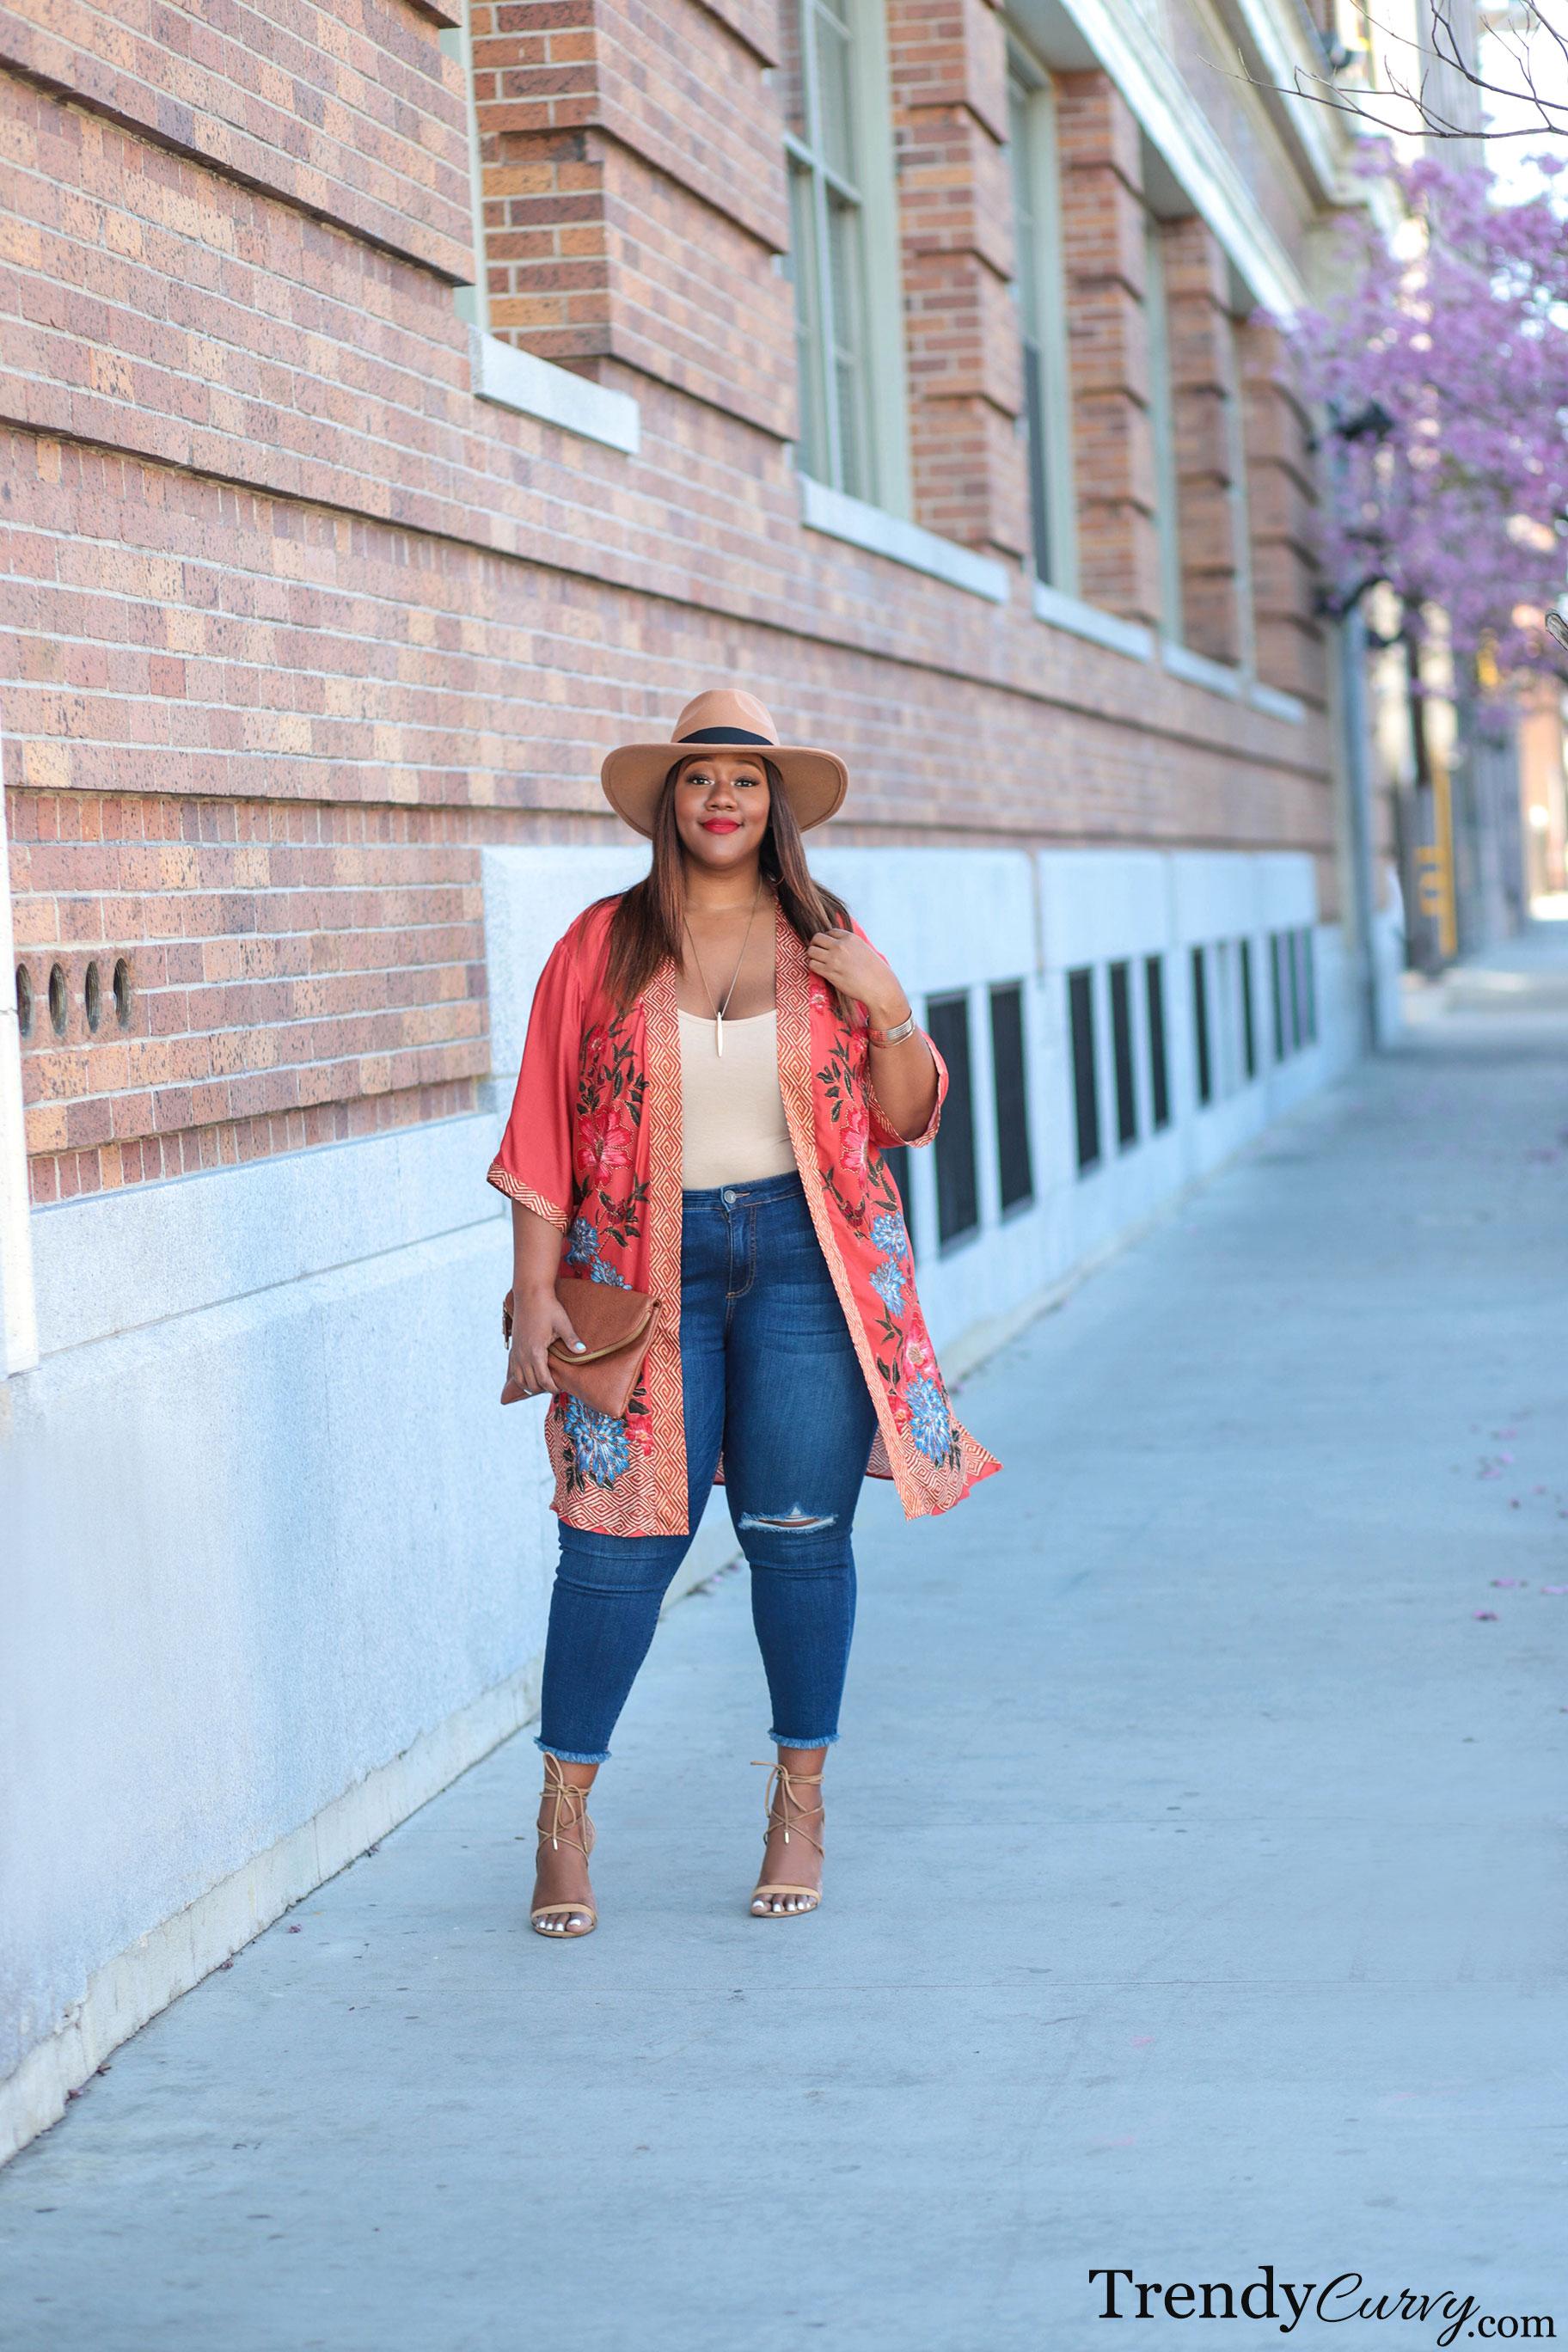 36fb90ac749 Trendy Curvy - Plus Size Fashion BlogTrendy Curvy